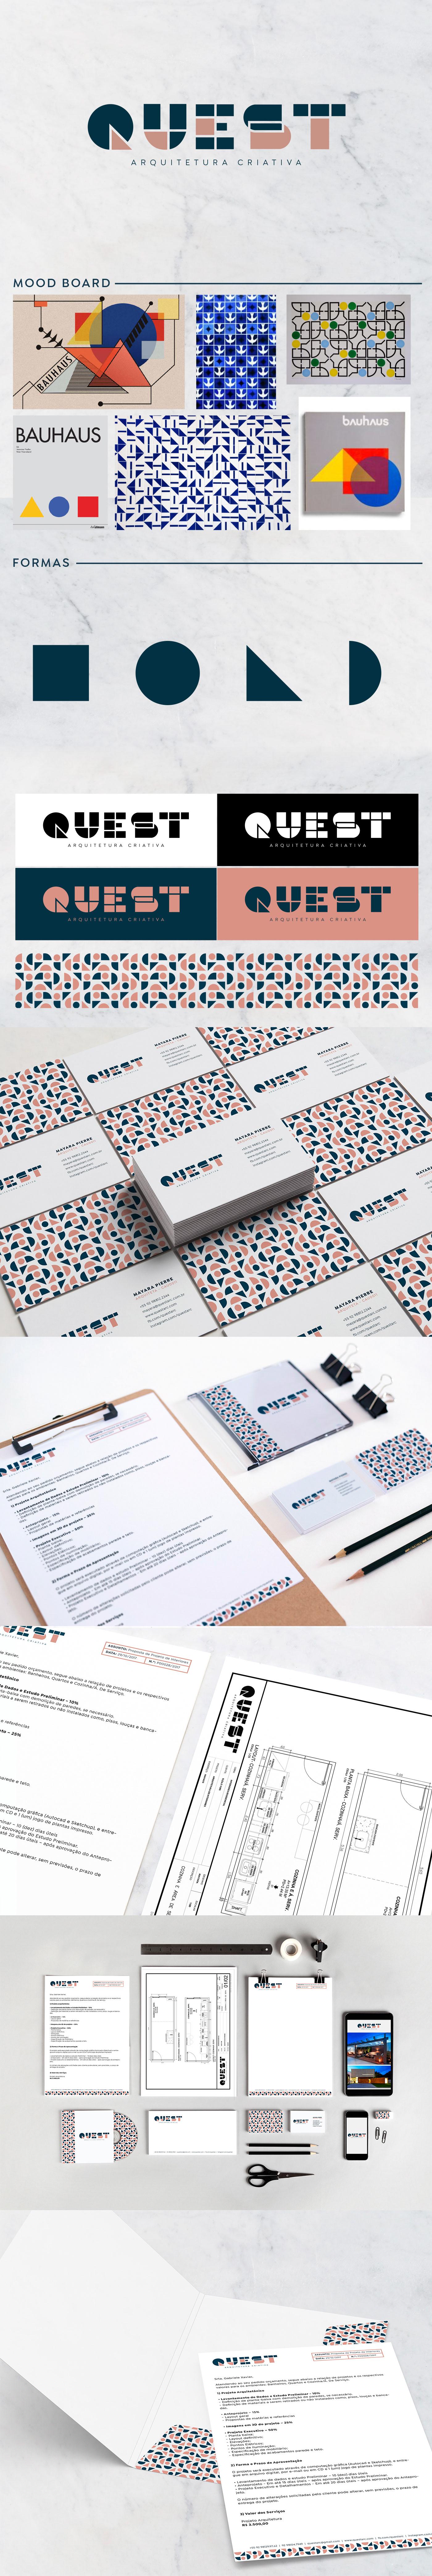 marca,quest arquitetura,ARQUITETURA,branding ,manaus,architecture